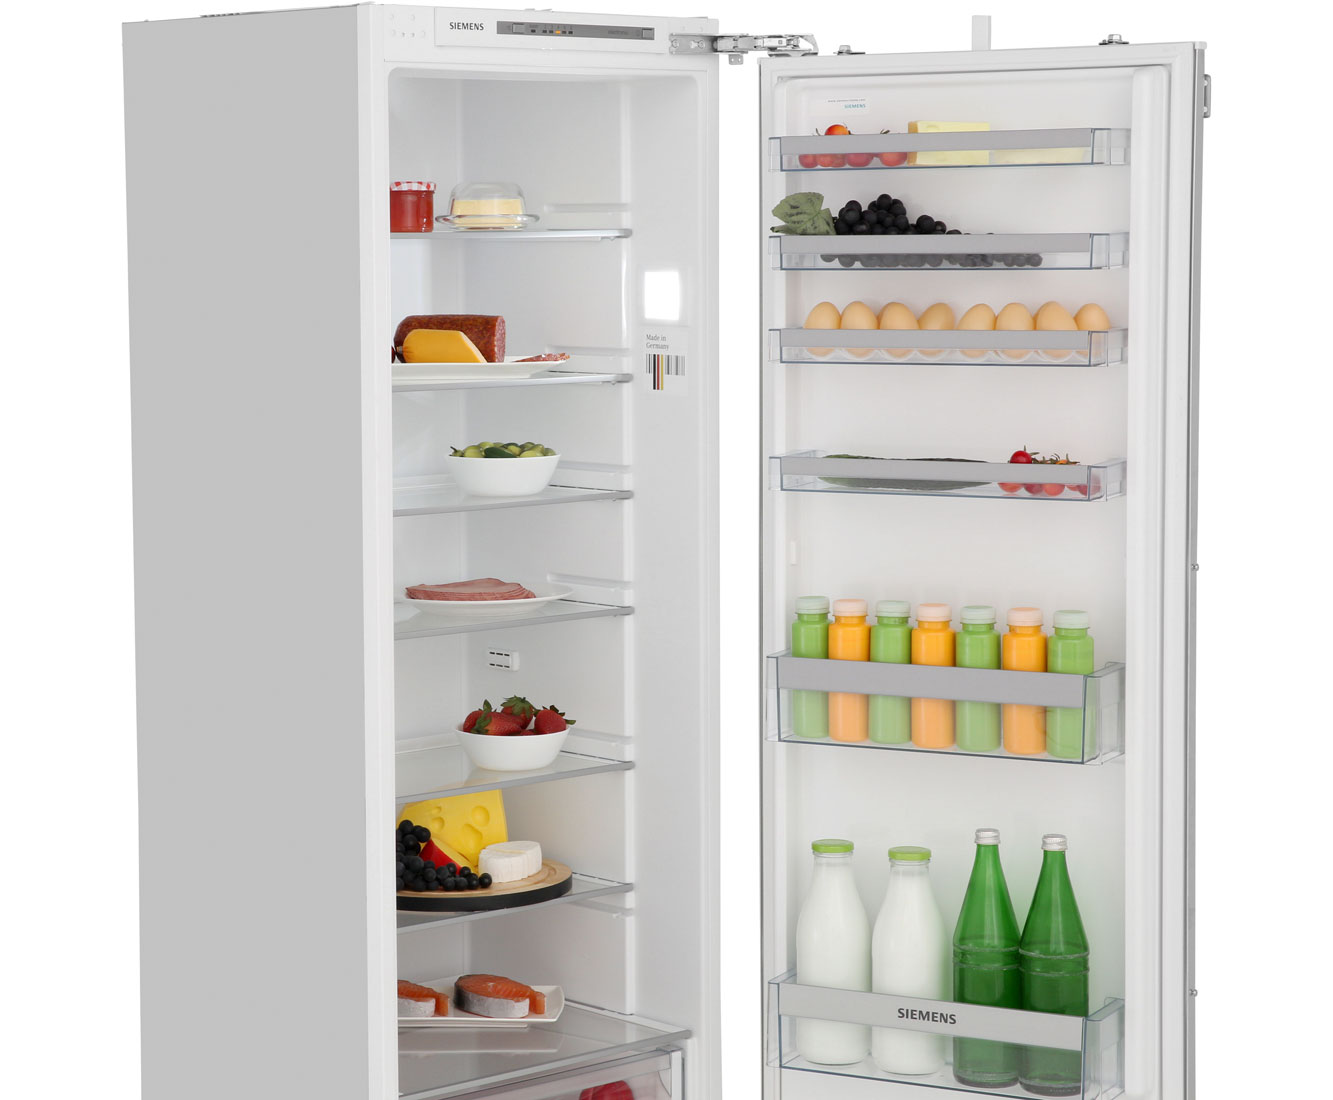 Siemens Kühlschrank Beleuchtung : Siemens ki rvf einbau kühlschrank er nische festtür